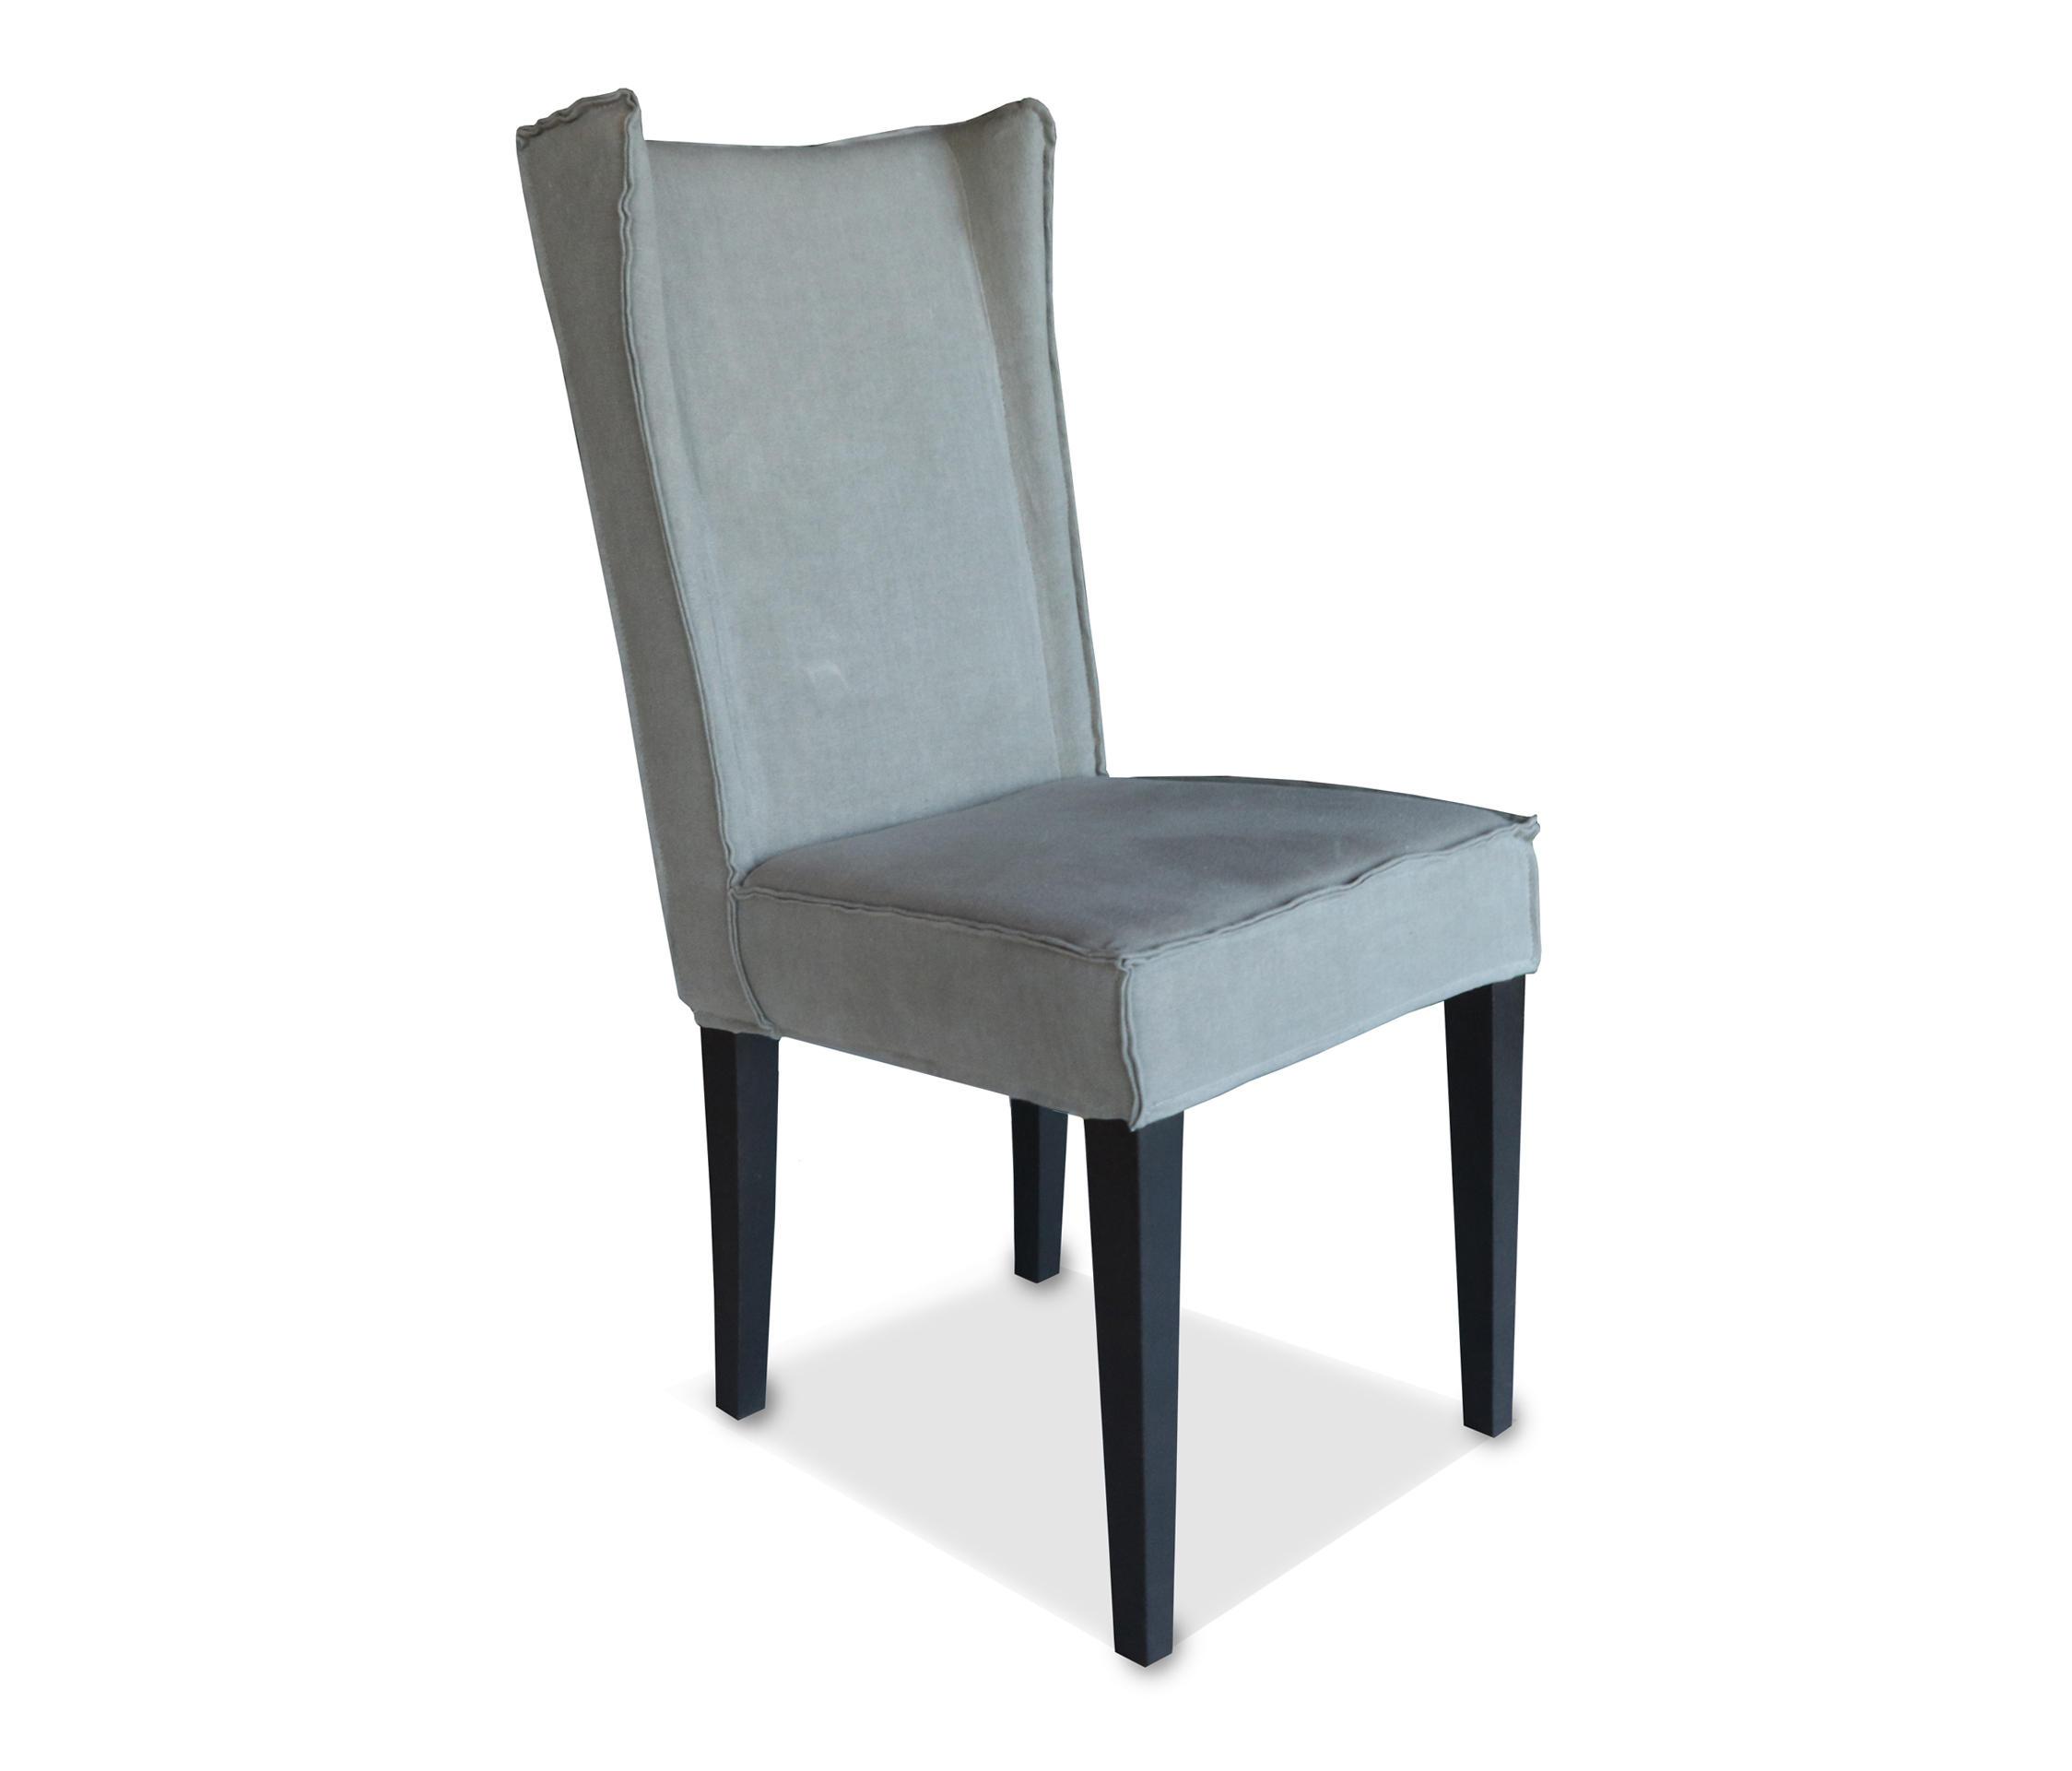 Cipriani sillas de visita de villevenete architonic for Sillas para visitas